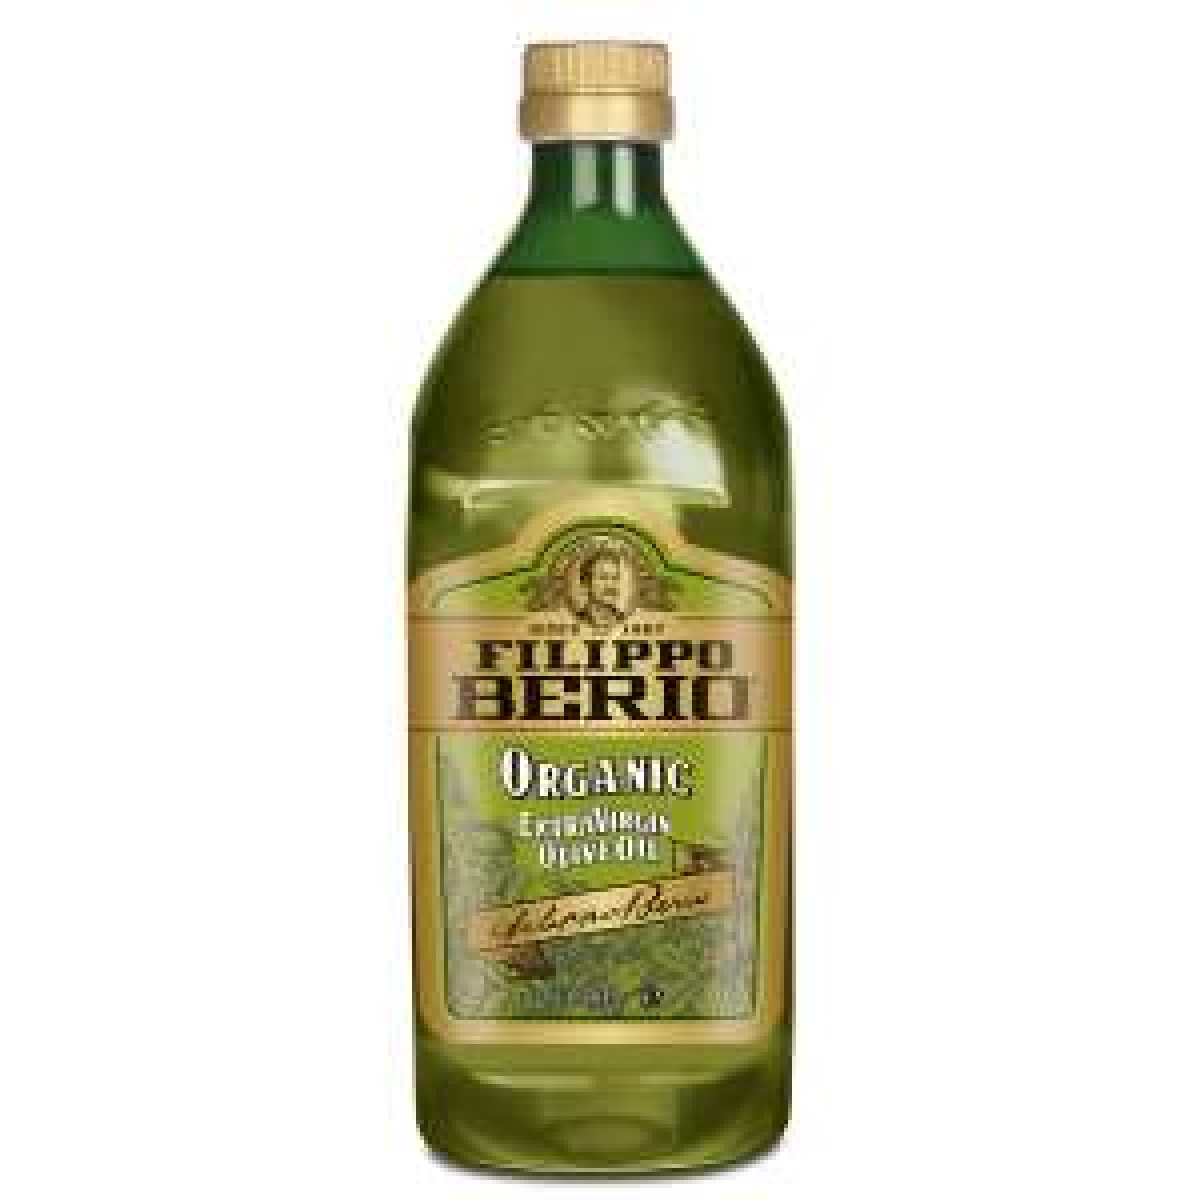 Filippo Berio Organic Extra Virgin Olive Oil, 1.5L £5.99 @ Costco